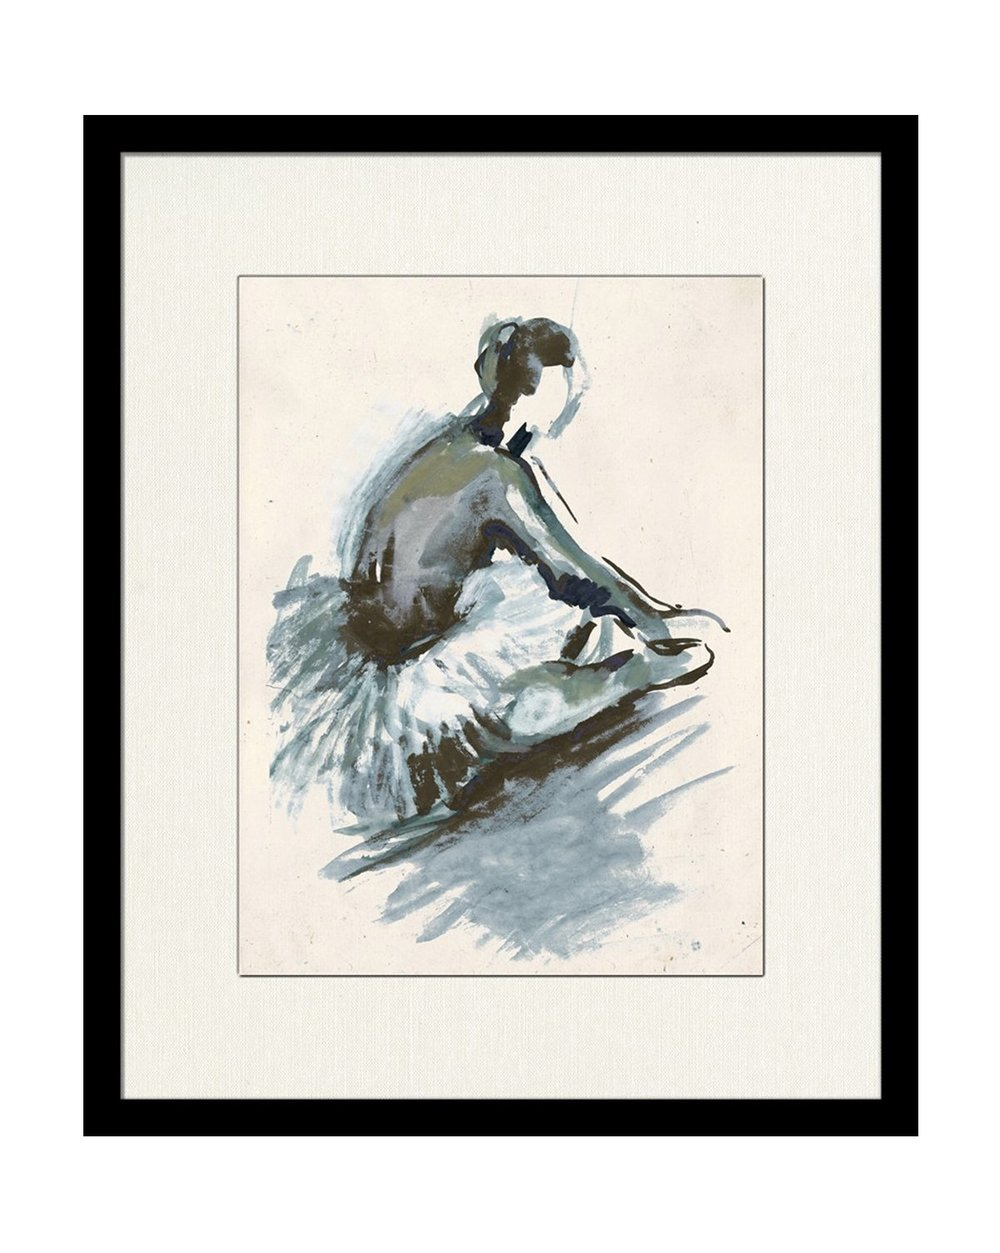 Ballerina_Sketch_2_1.jpg